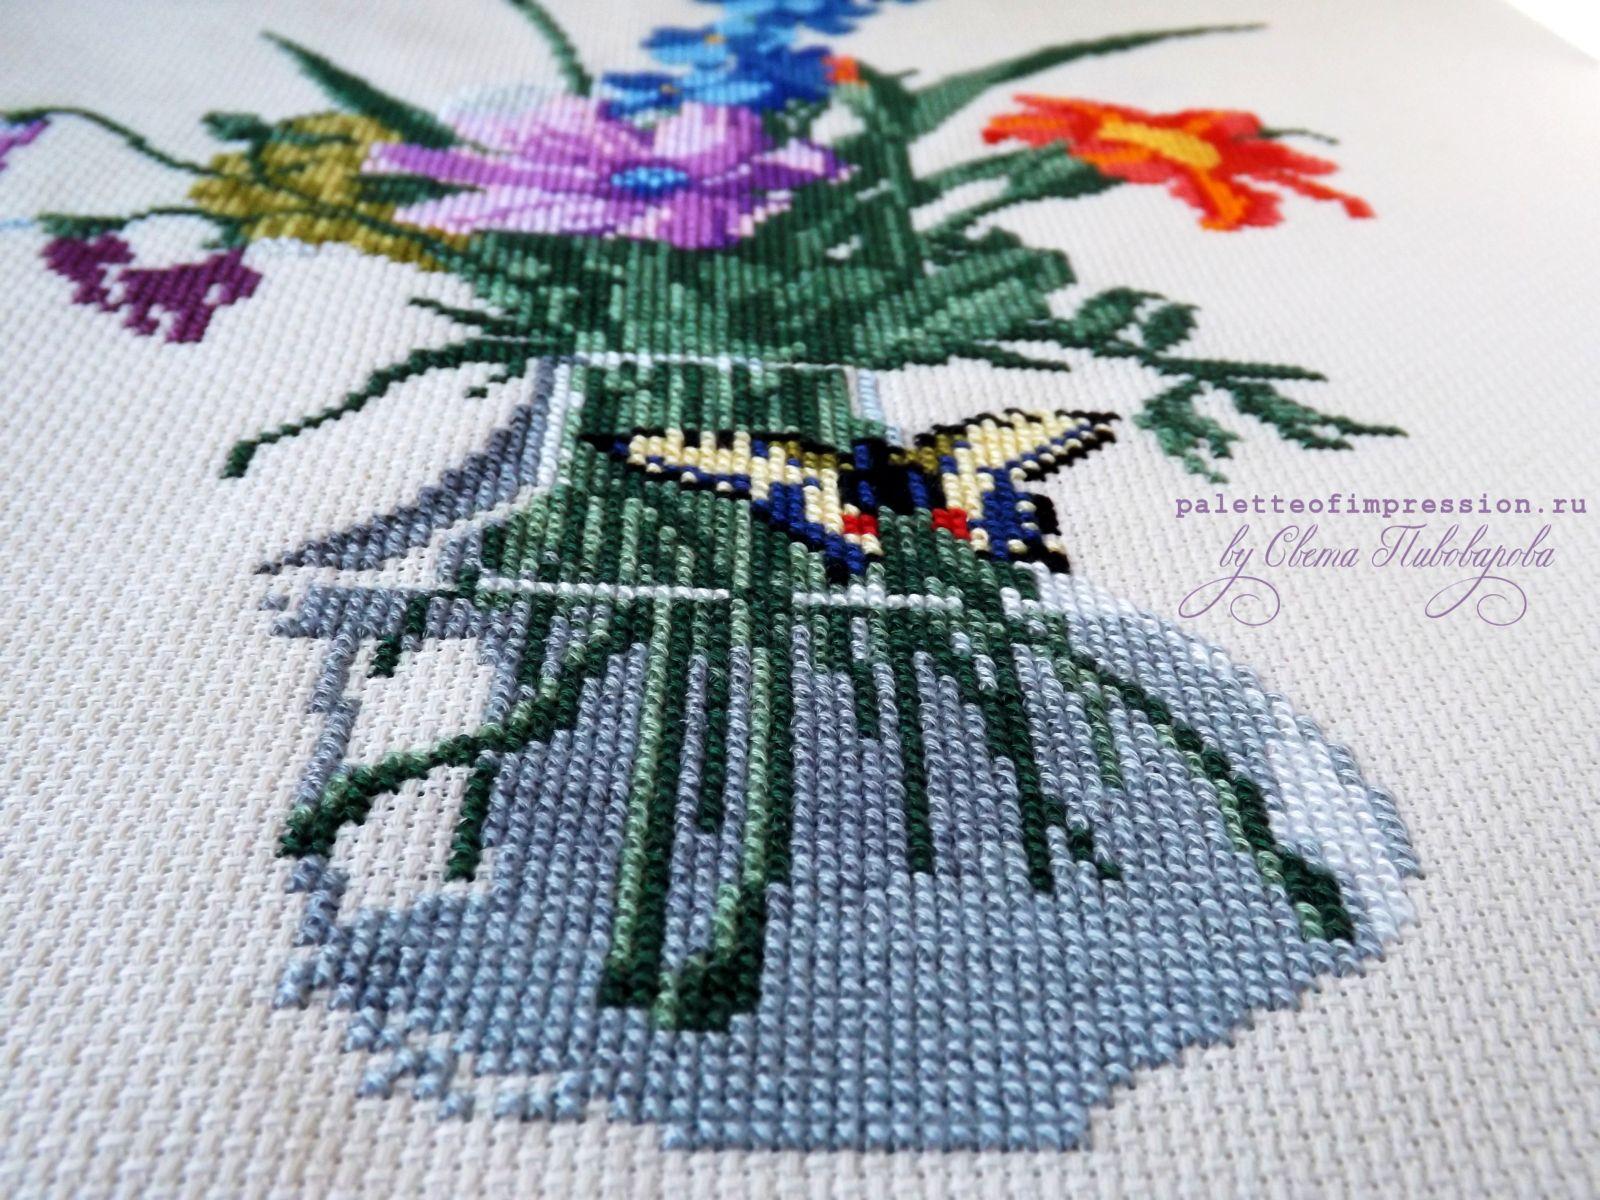 Букет цветов, бабочка и птичка. Проект: Рабочее место.